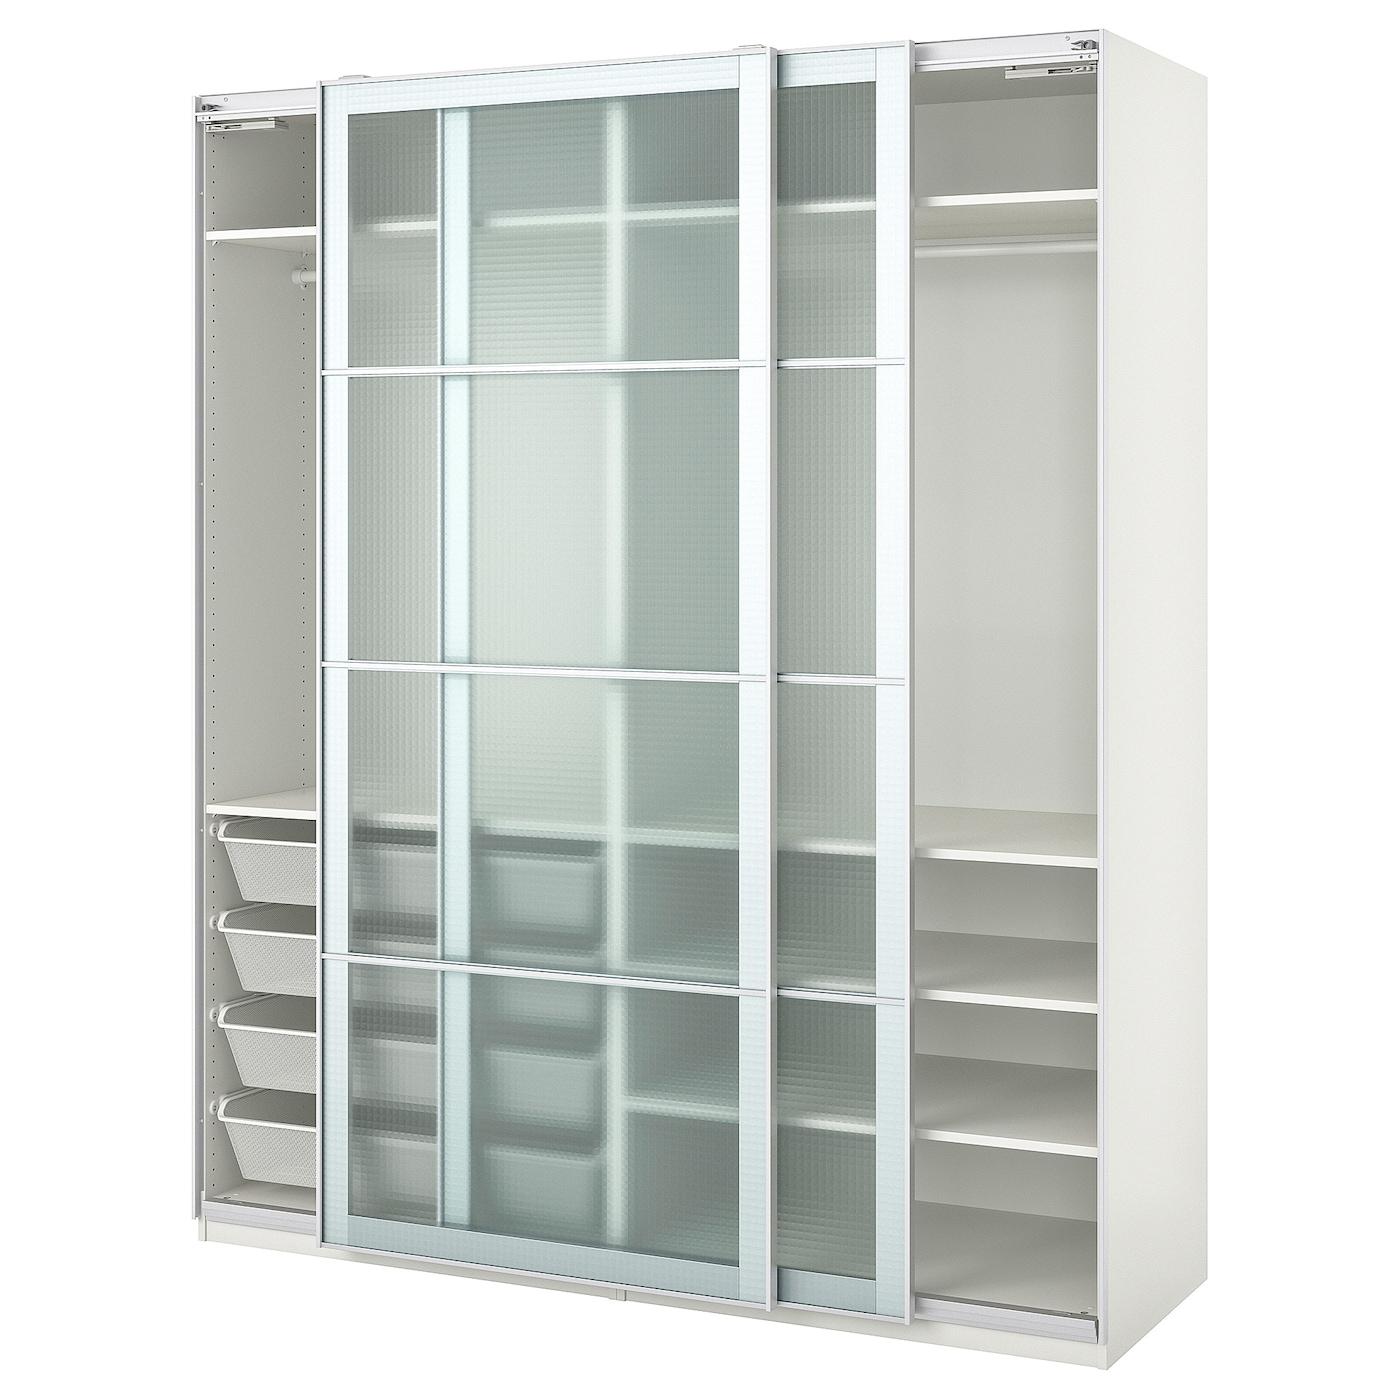 Ikea PAX Szafa, biały, Nykirke szkło matowe, kratka, 200x66x236 cm